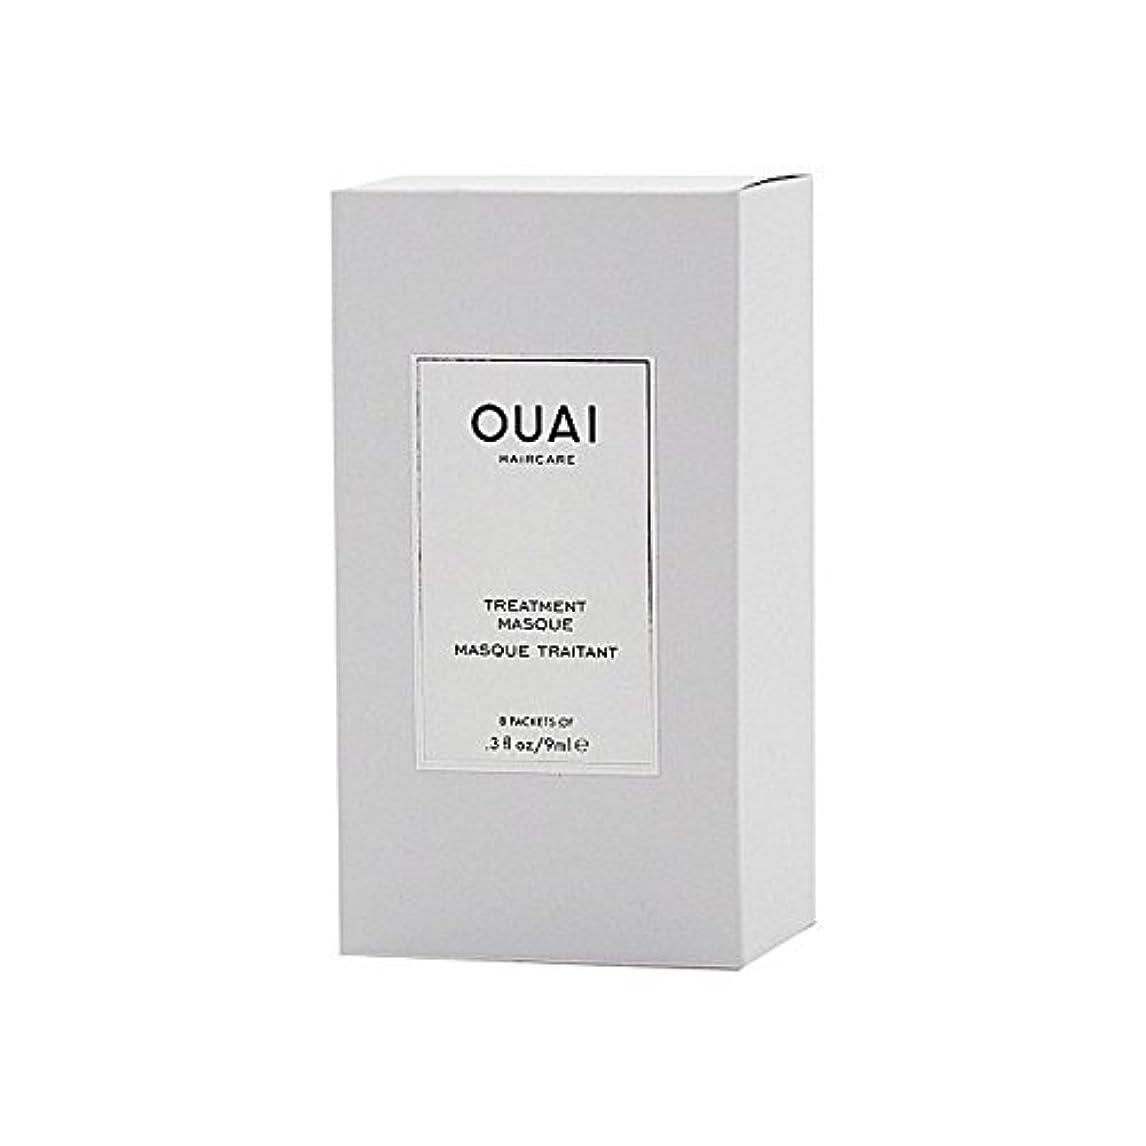 ガラガラためらう百年Ouai Treatment Masque 8 X 9ml - トリートメントマスク8×9ミリリットル [並行輸入品]